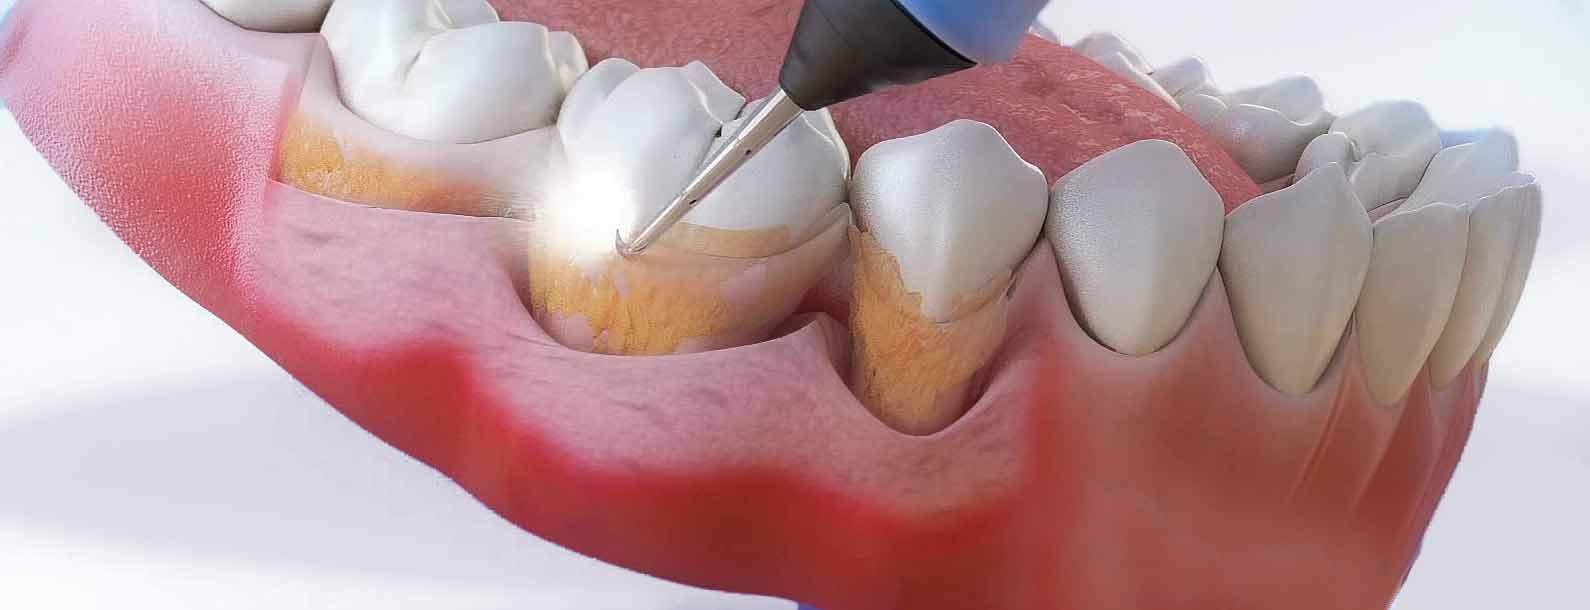 Зубной камень: Осложнения и профилактика образования